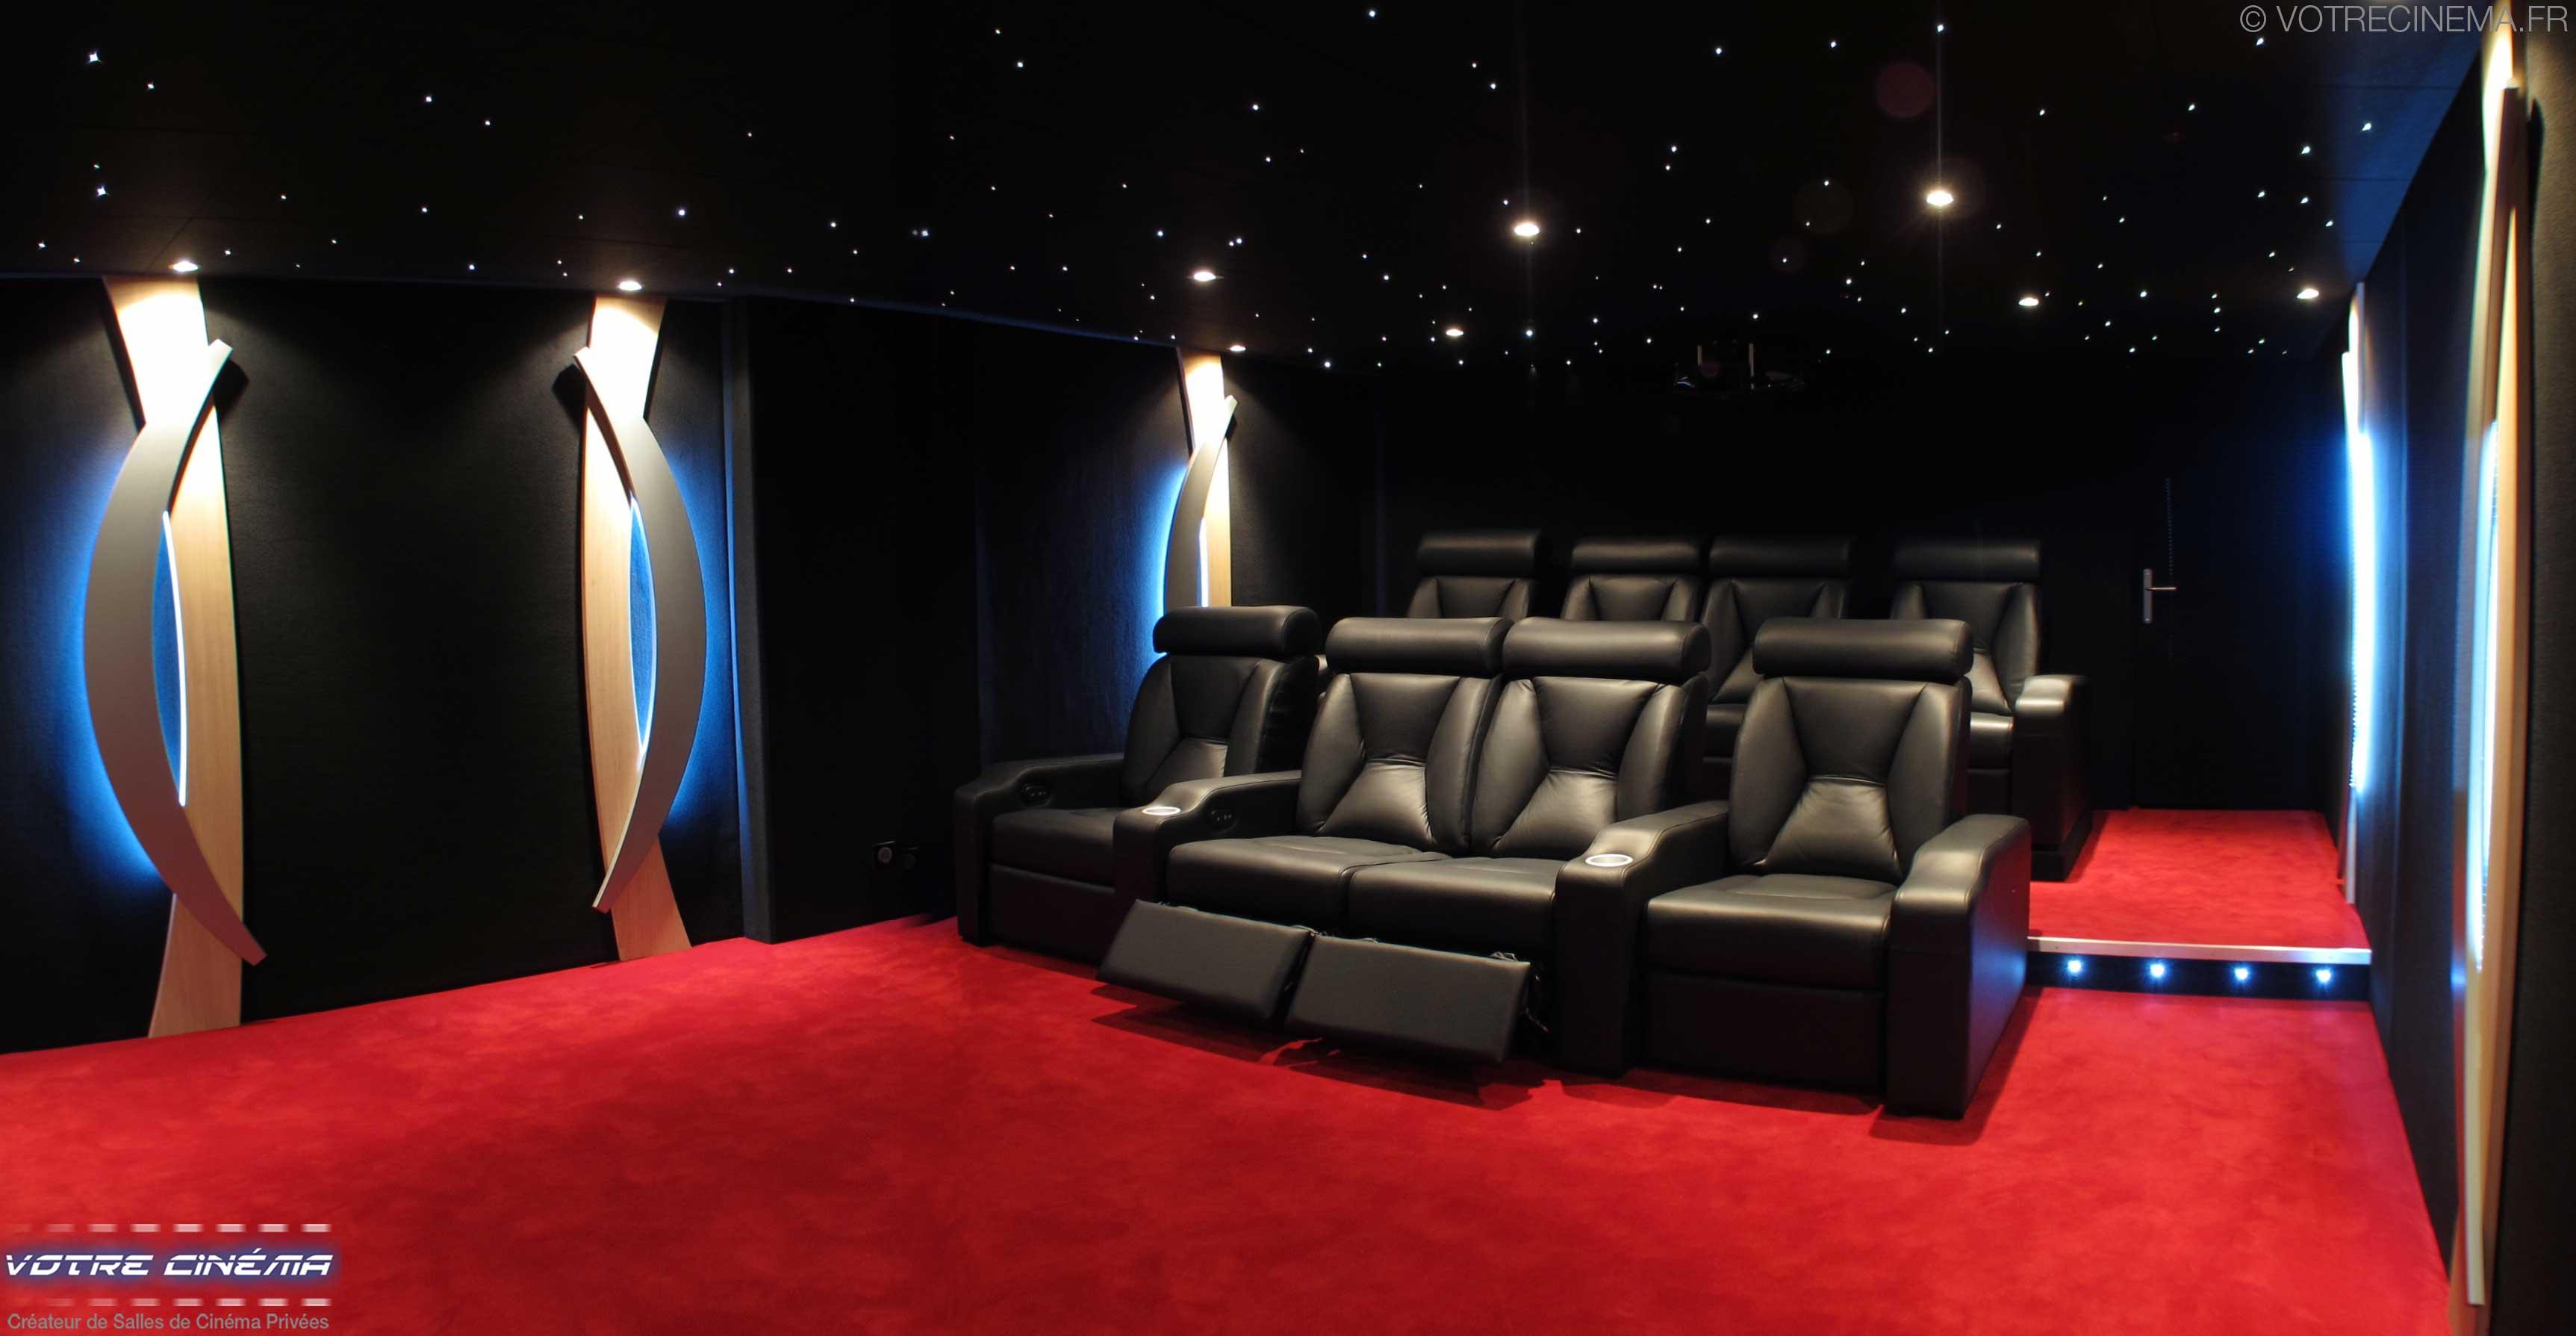 Salle De Home Cinema Privee De Luxe Votre Cinema